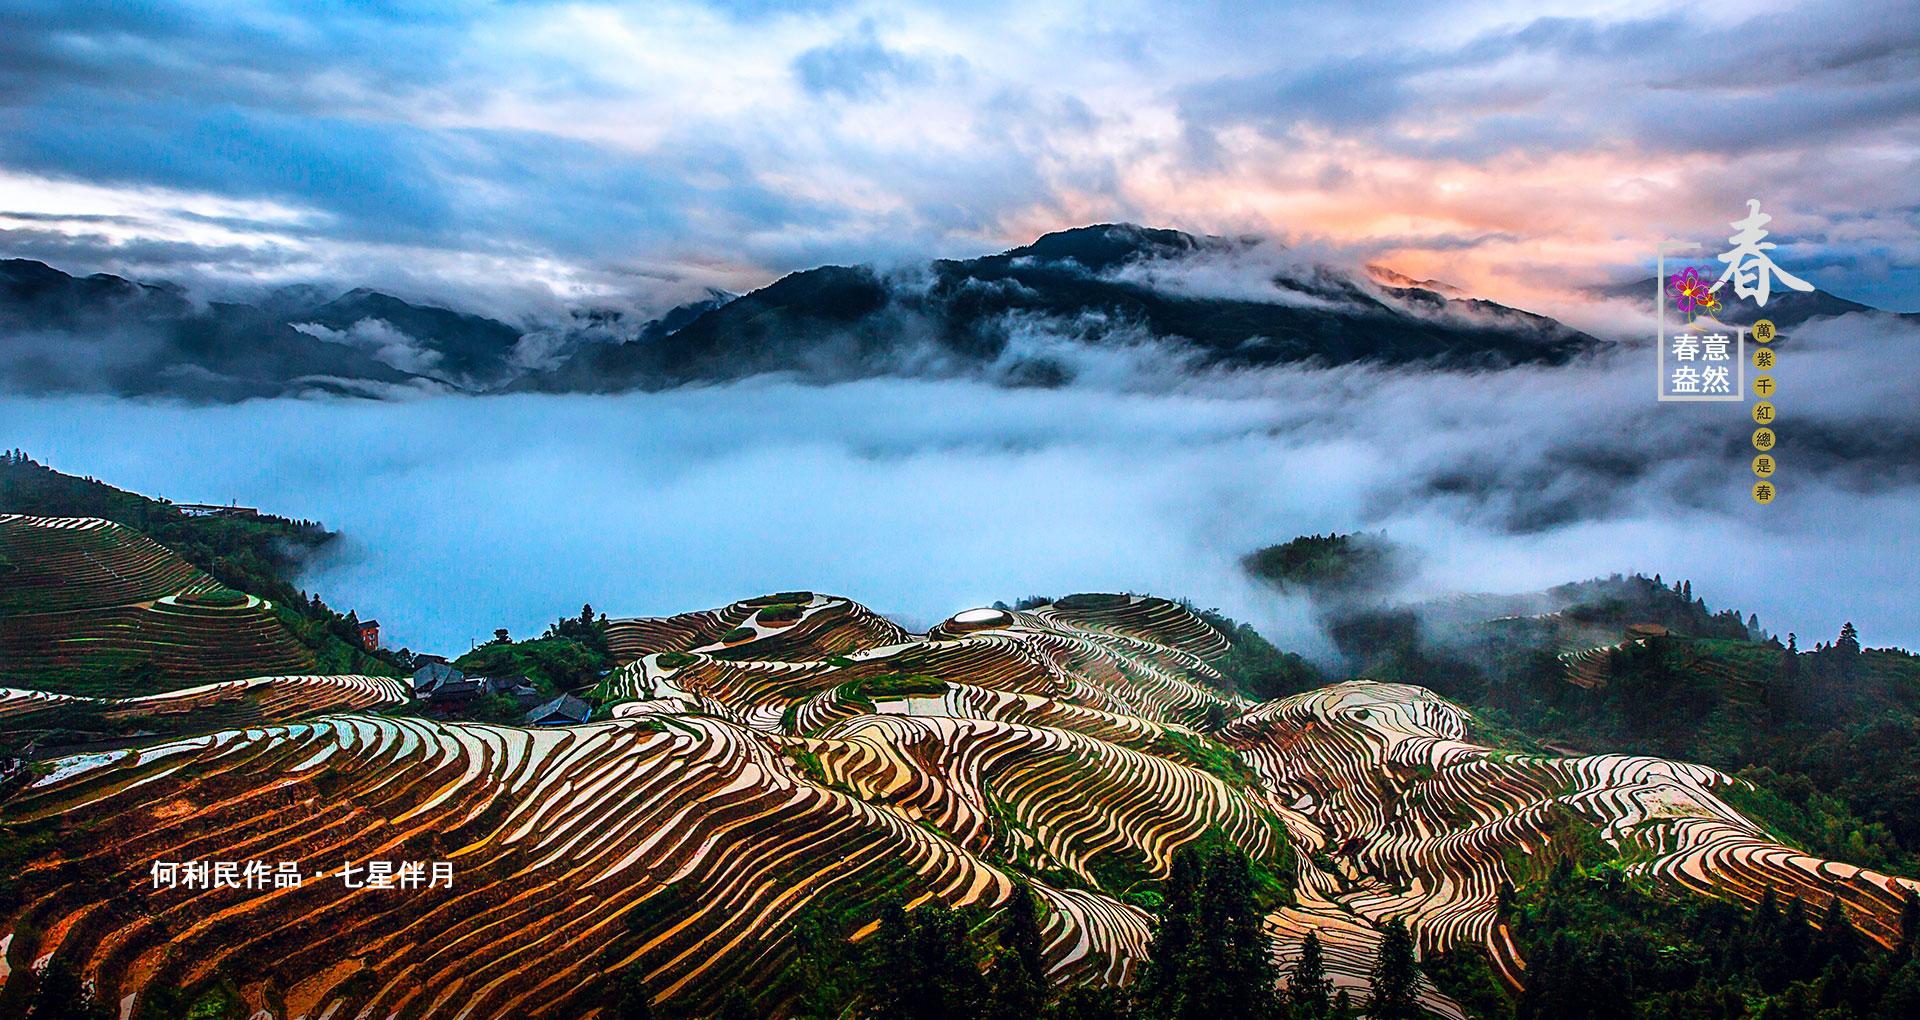 中国最美丽的曲线,龙脊梯田的韵律之美!